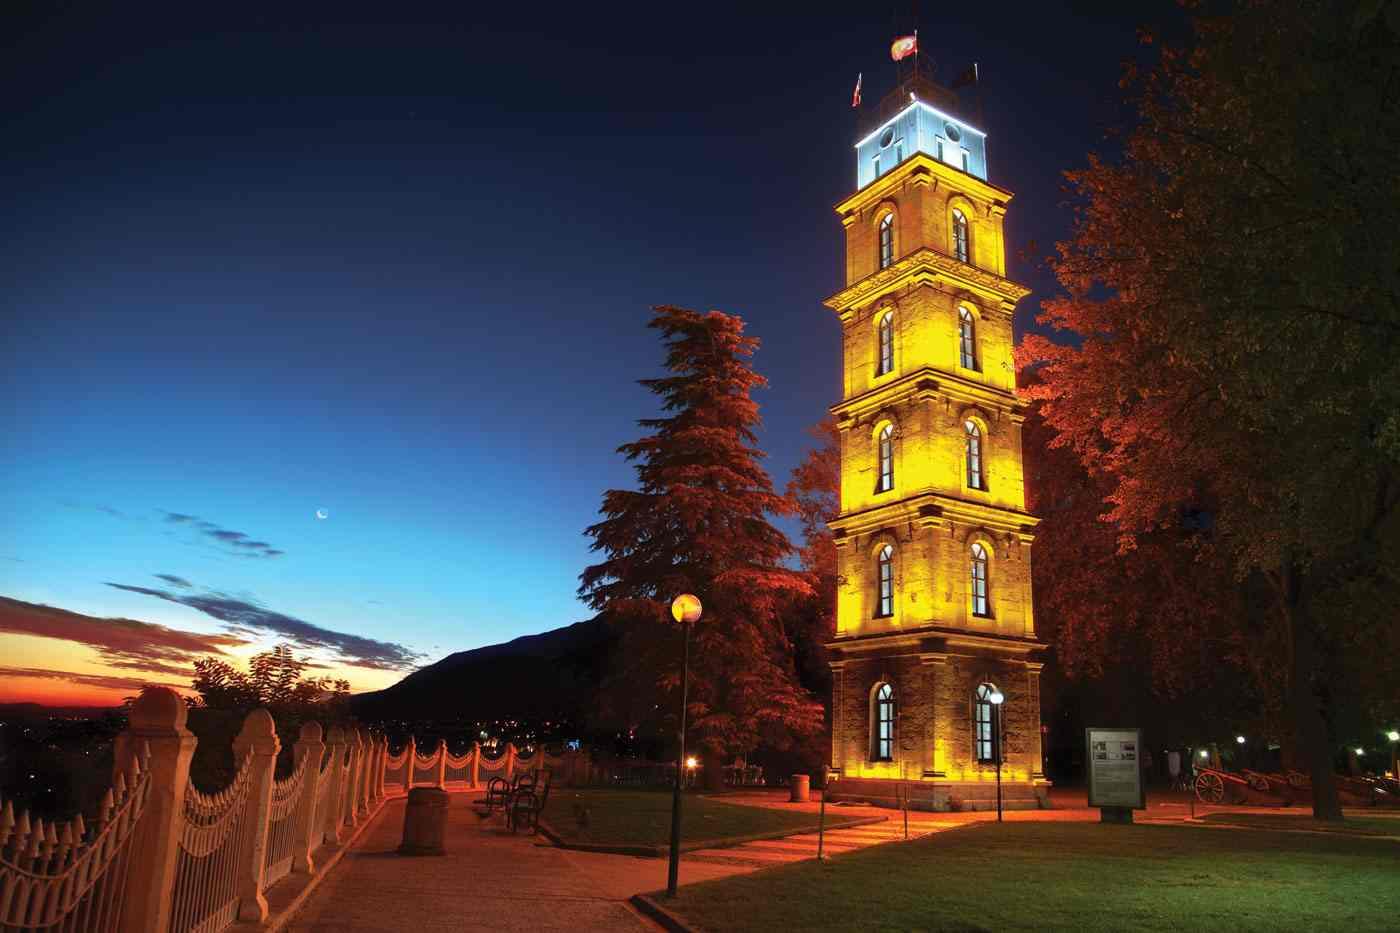 مدينة بورصة من وجهات السياحة في تركيا في اجمل مدن تركيا السياحية تعرف على اجمل الاماكن السياحية في تركيا و المناطق السياحية في تركيا التي تستقطب السياح حول العالم من اجل السفر الى تركيا